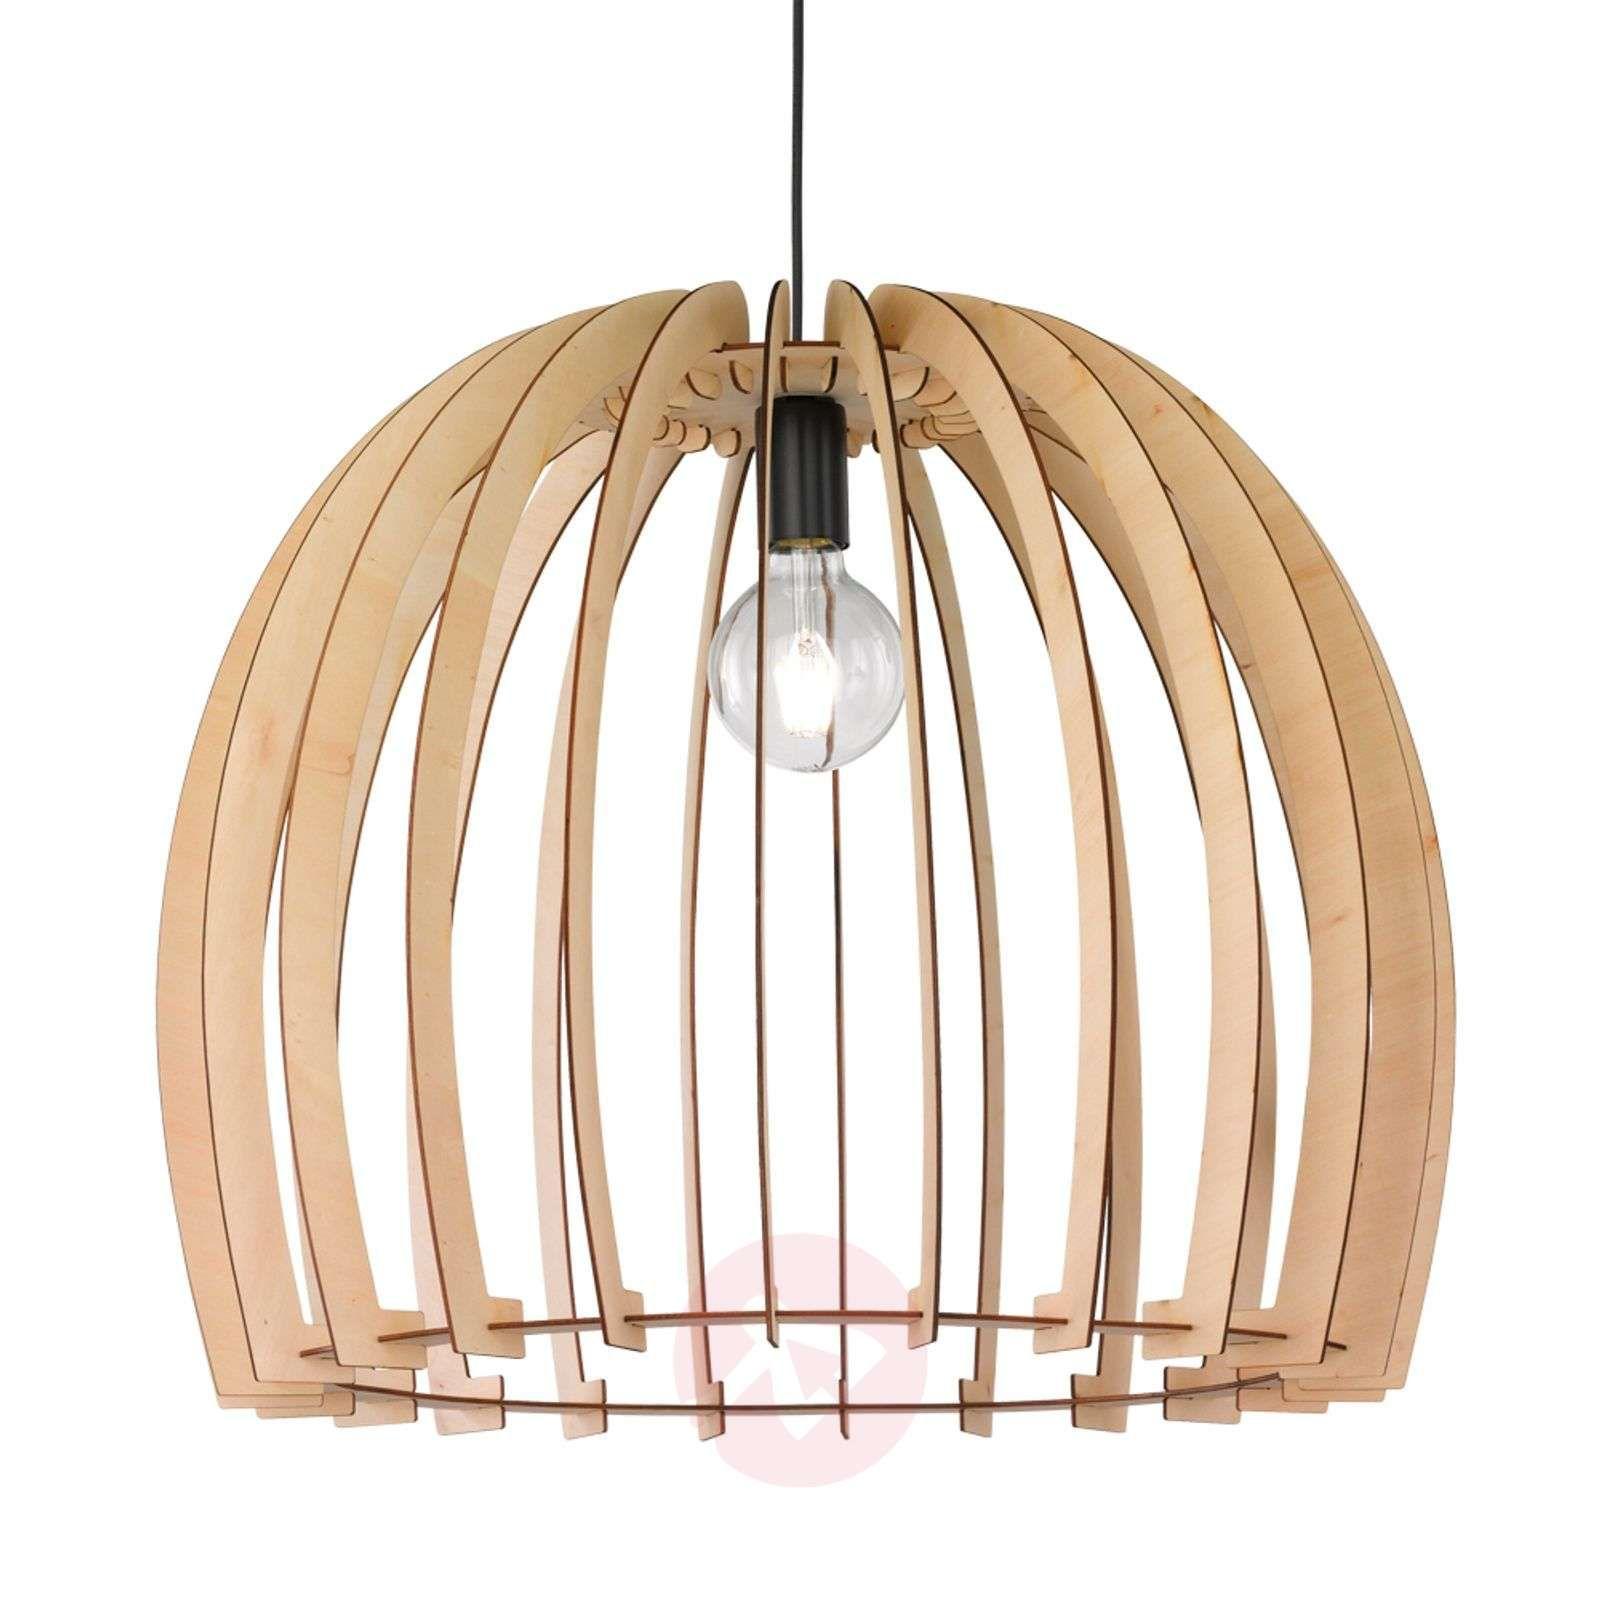 Modna Drewniana Lampa Wisząca Wood Lampy Wiszące W 2019